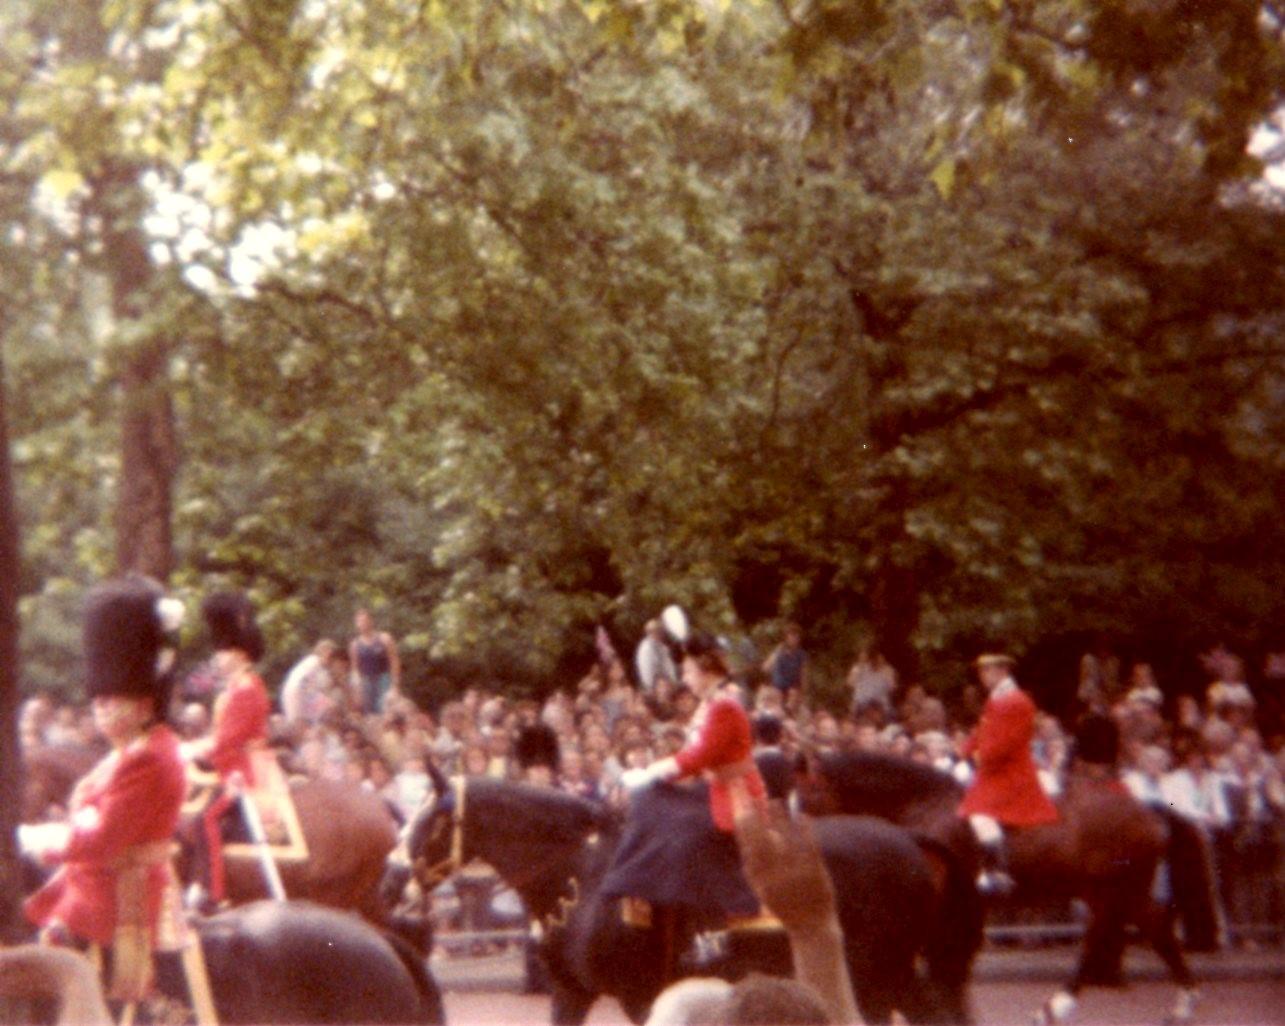 Queen Elizabeth II - Trooping the Colour